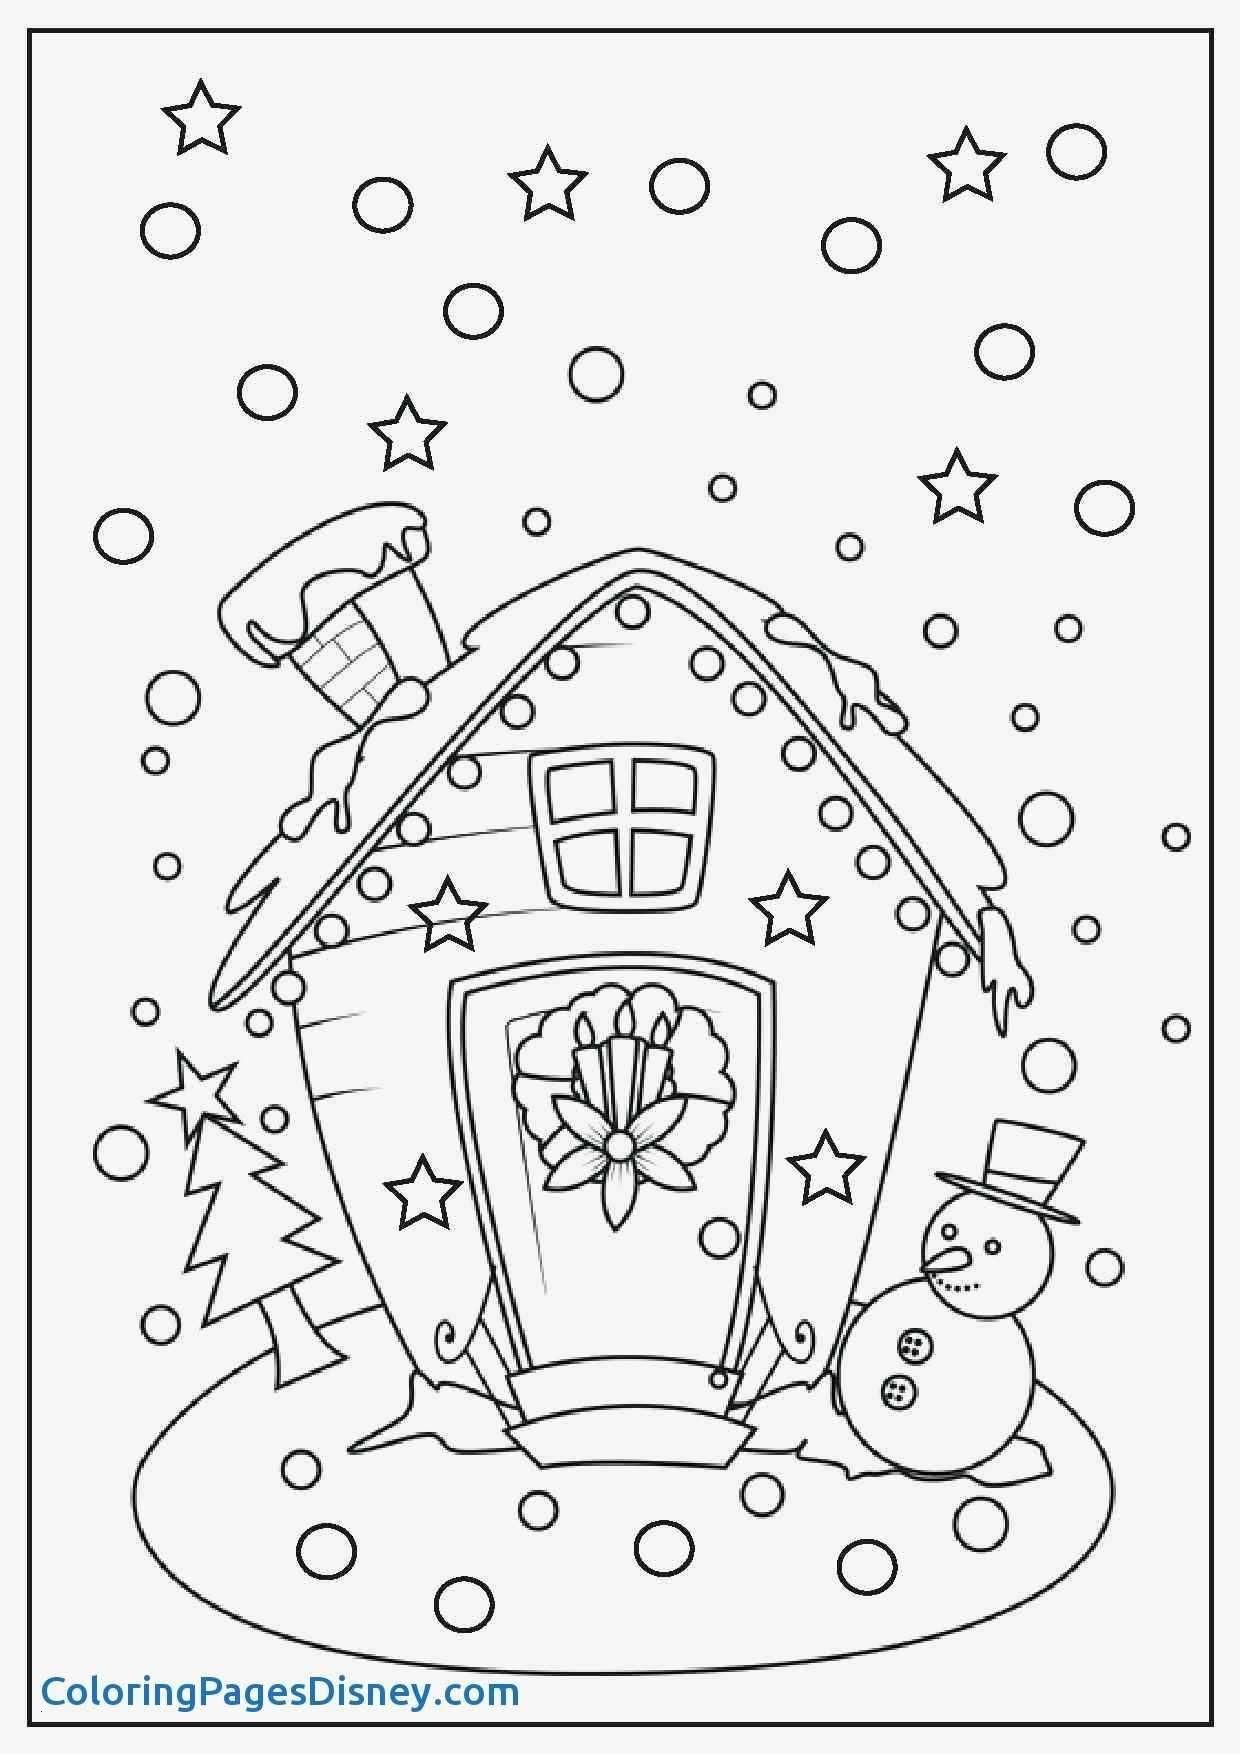 Minnie Mouse Malvorlage Einzigartig Schrift Malvorlagen Wundersame Minnie Mouse Malvorlagen Frisch Galerie